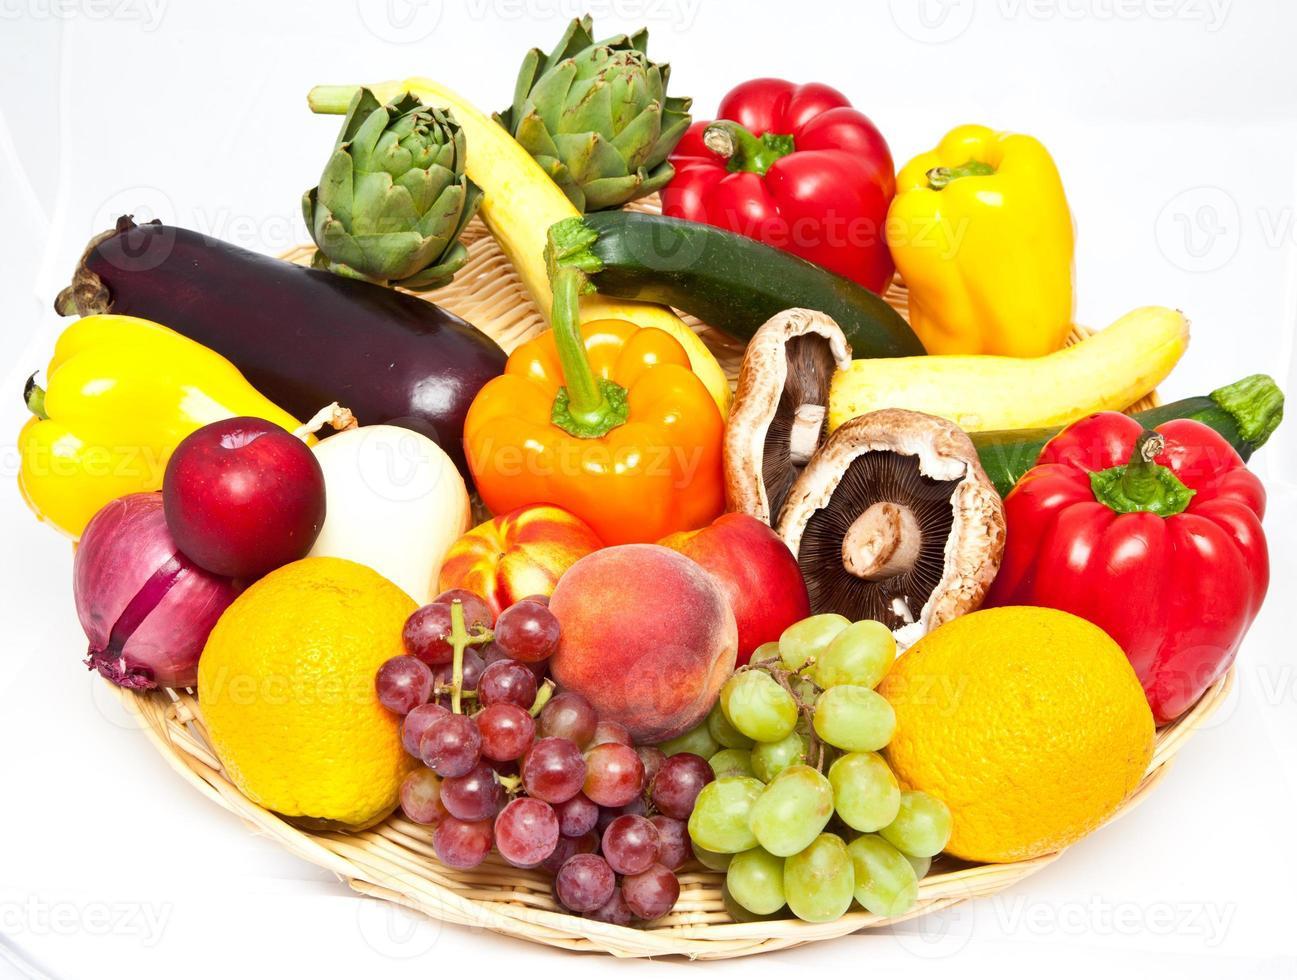 tienes tu verdura? foto